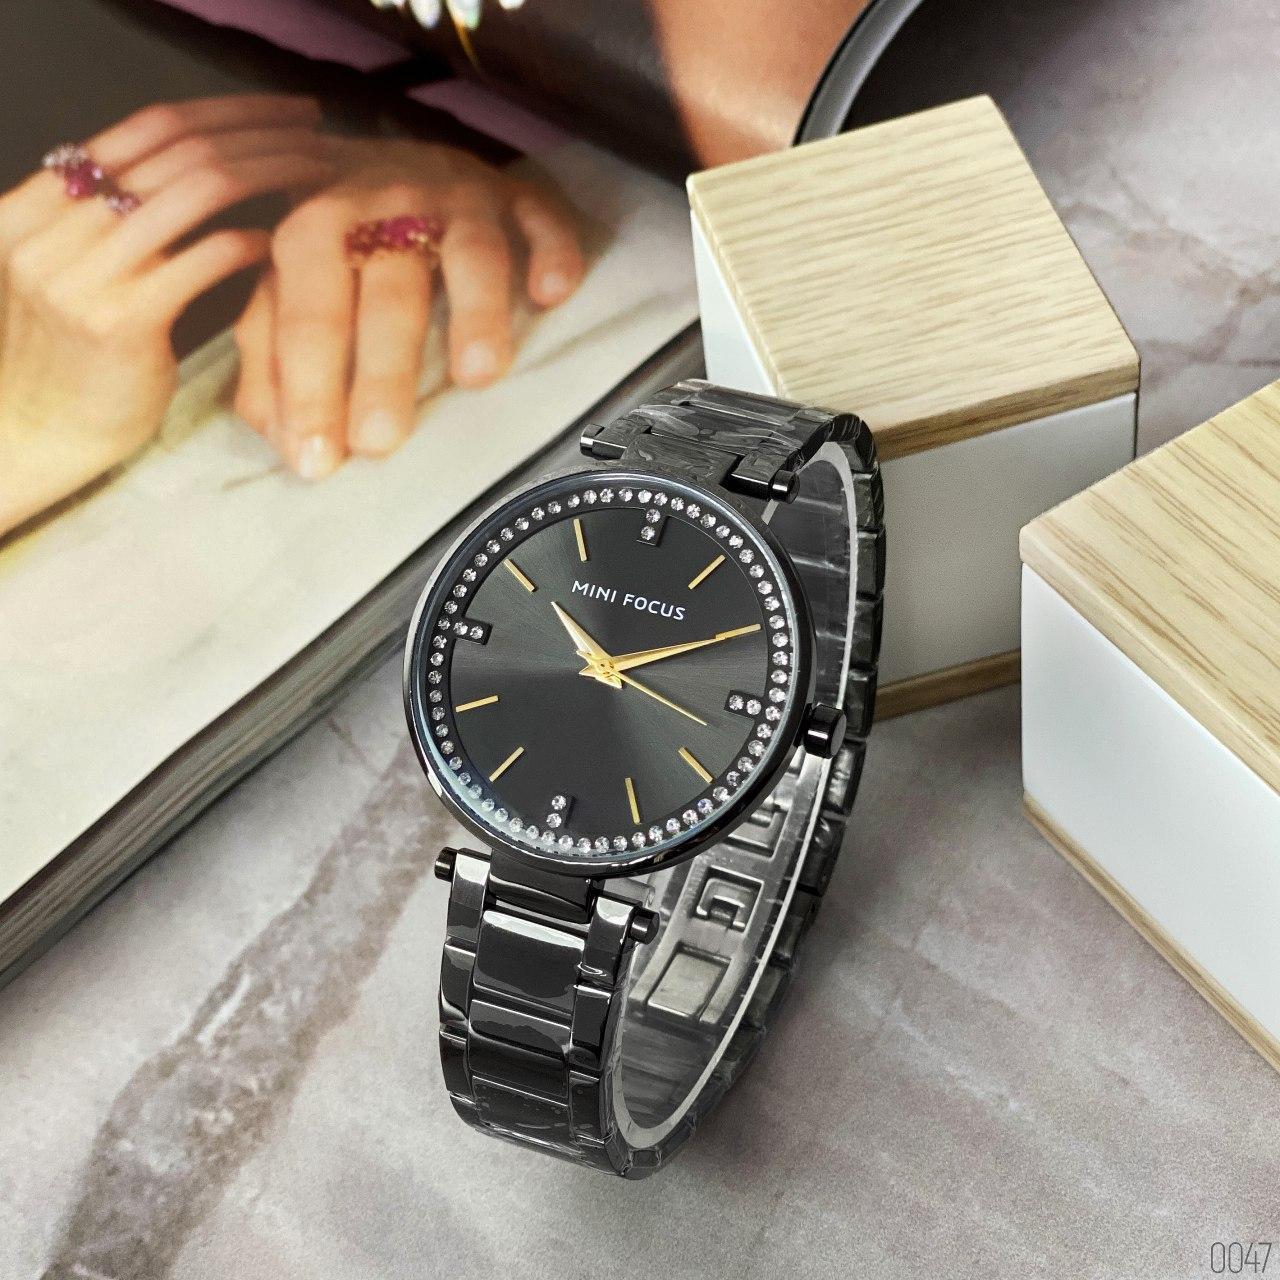 Модные женские наручные часы Mini Focus